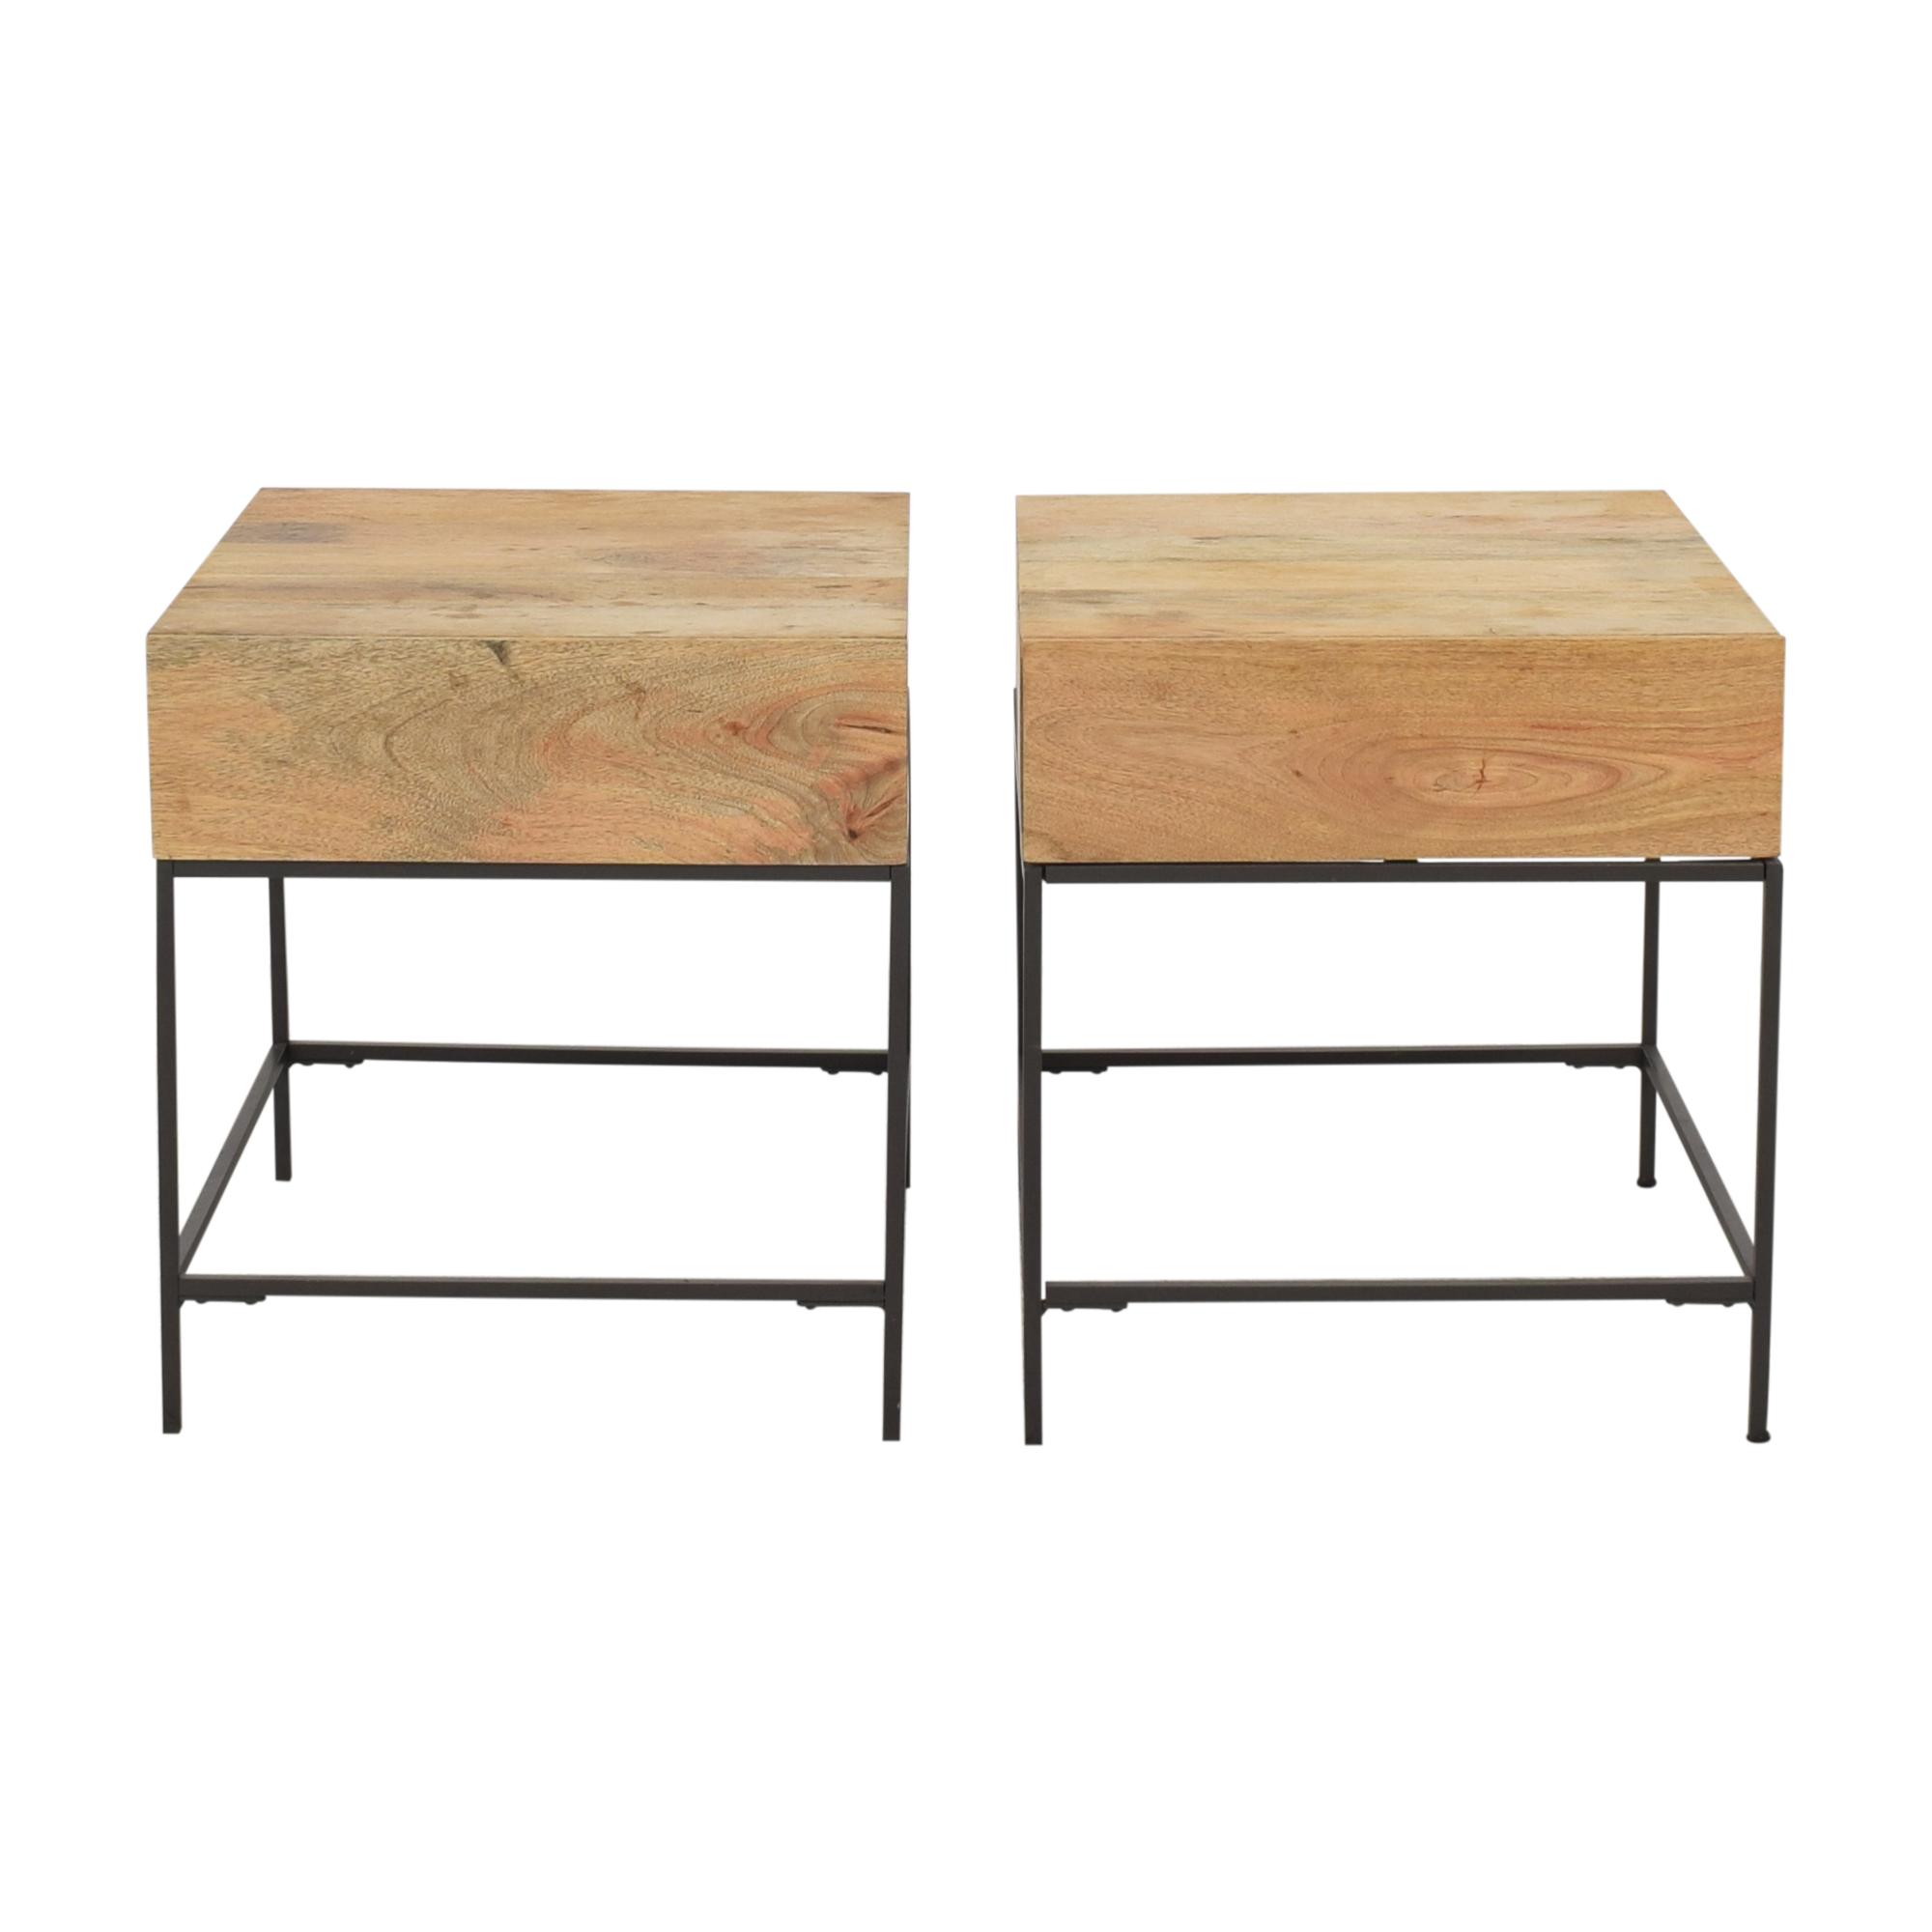 West Elm West Elm Industrial Storage Side Tables for sale